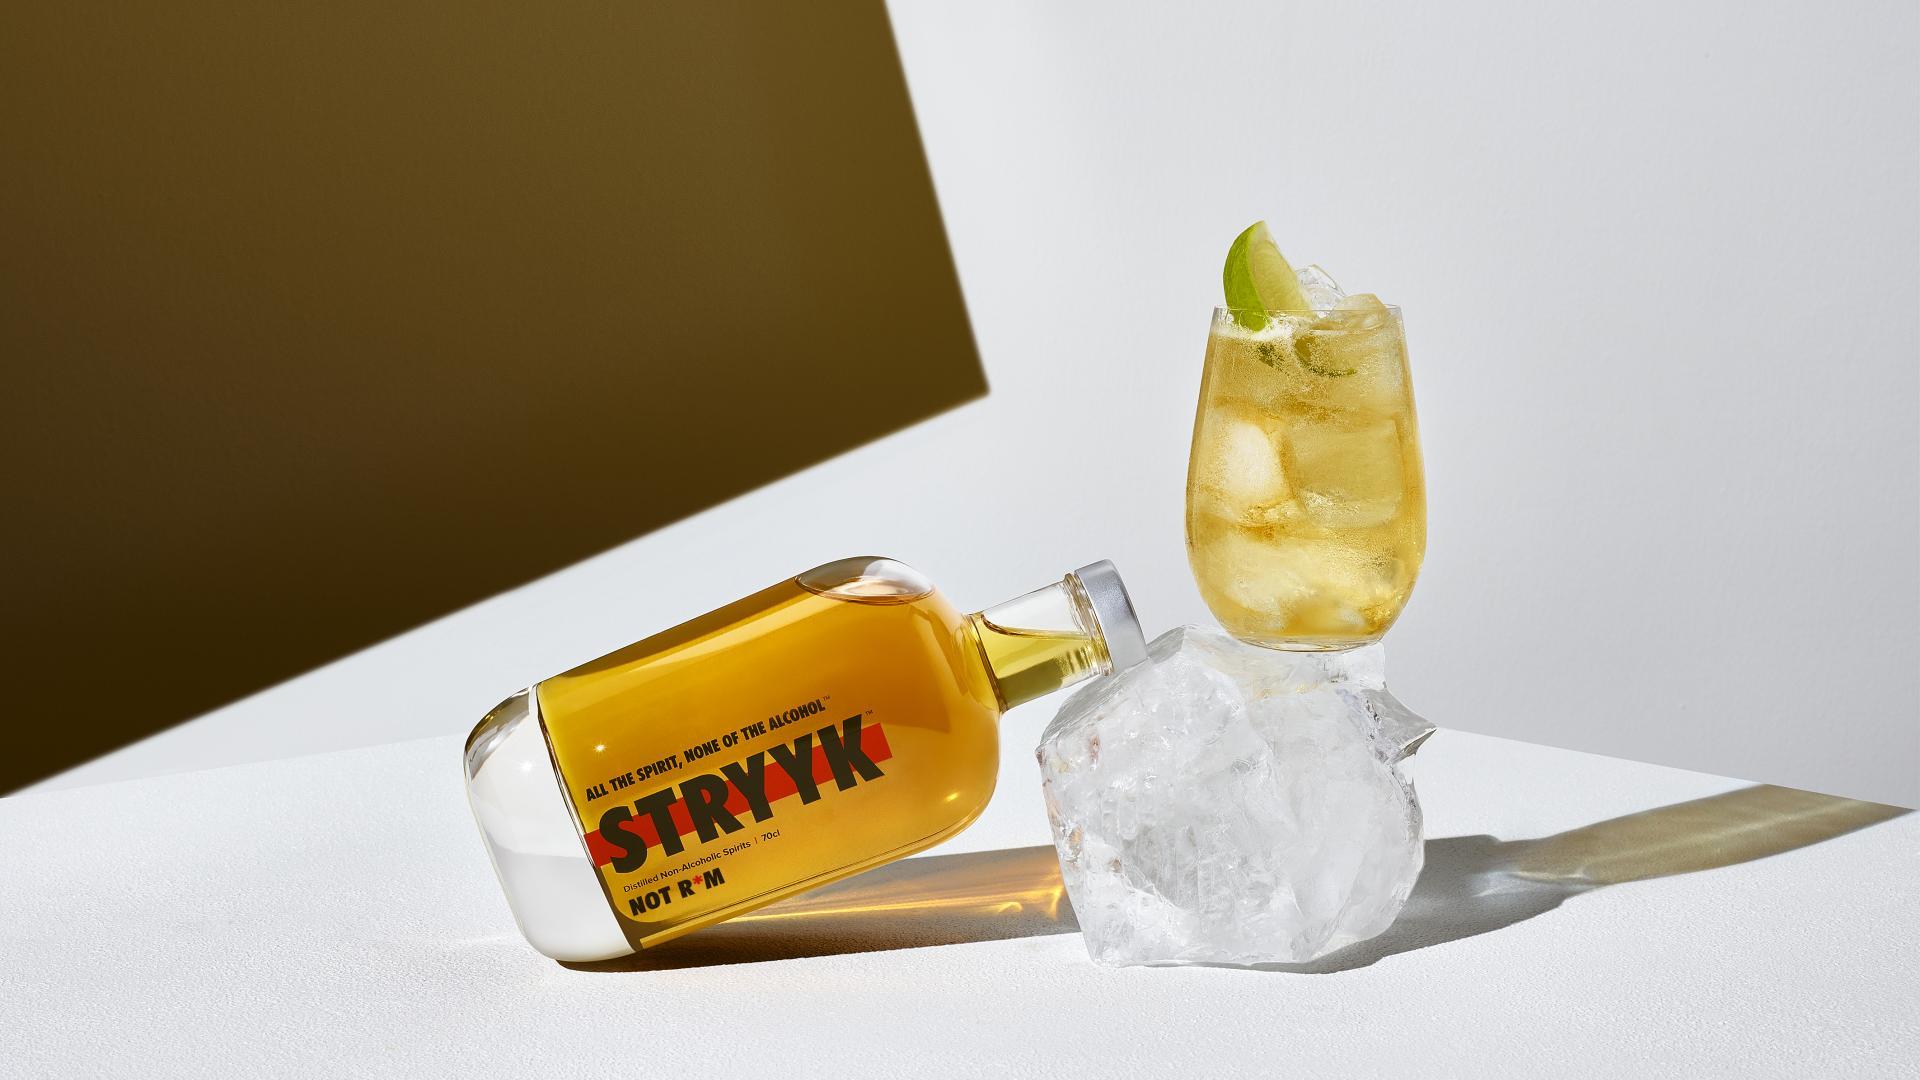 Strykk Not Rum